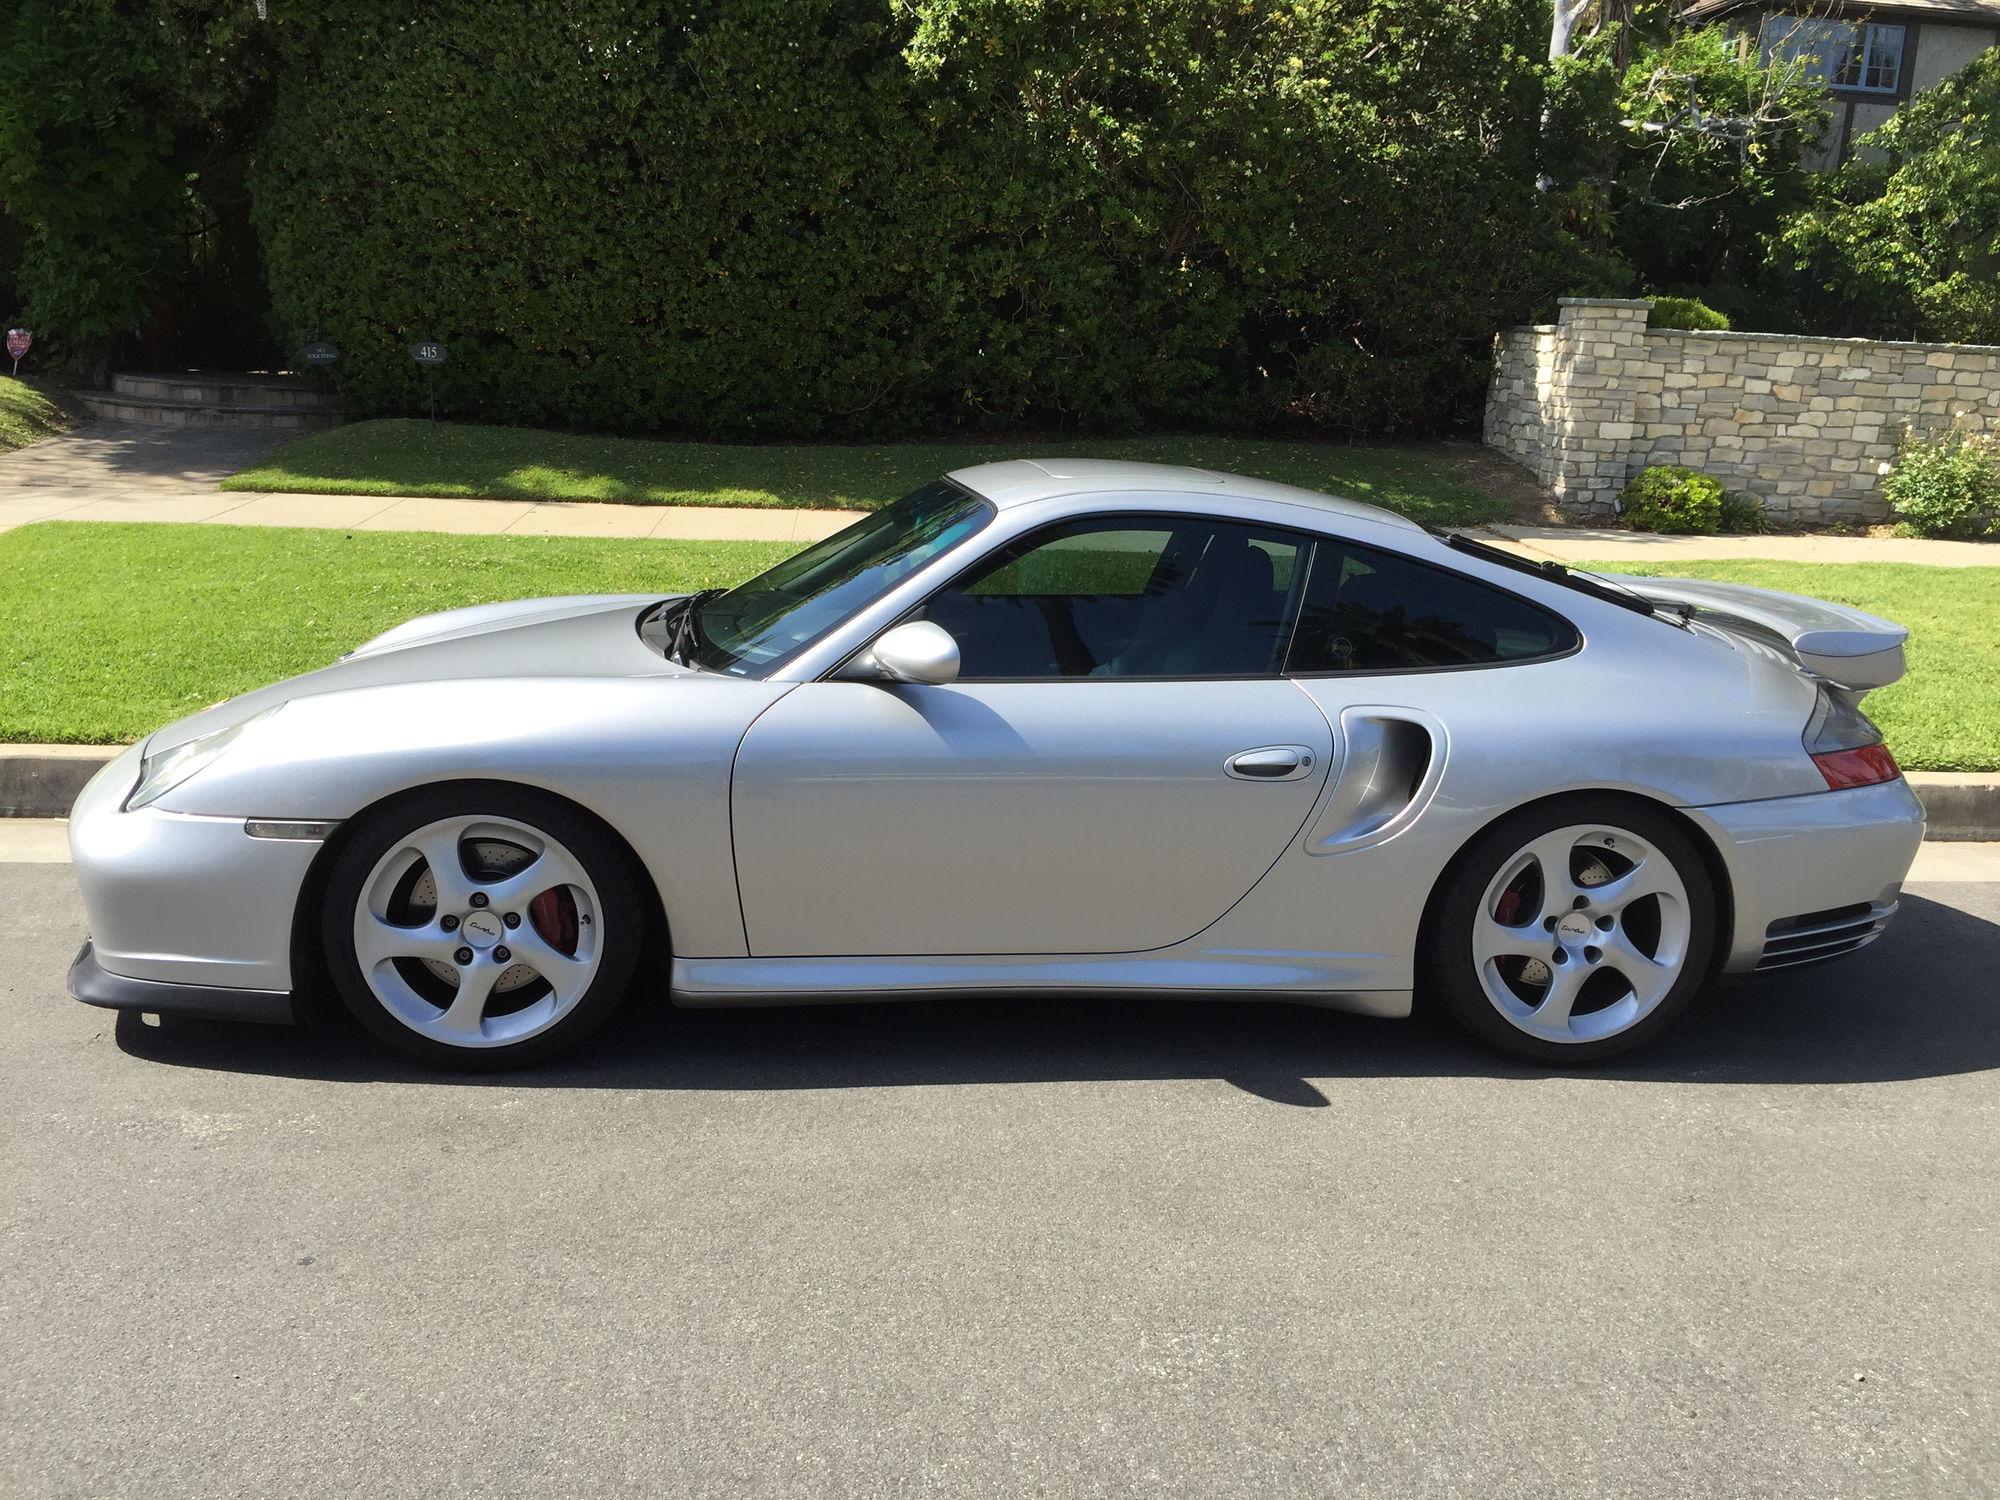 80-03_exterior_right02_6a8676f377d9e1301e6fbbd1f6dace79fd880d26 Terrific 2002 Porsche 911 Carrera Turbo Gt2 X50 Cars Trend